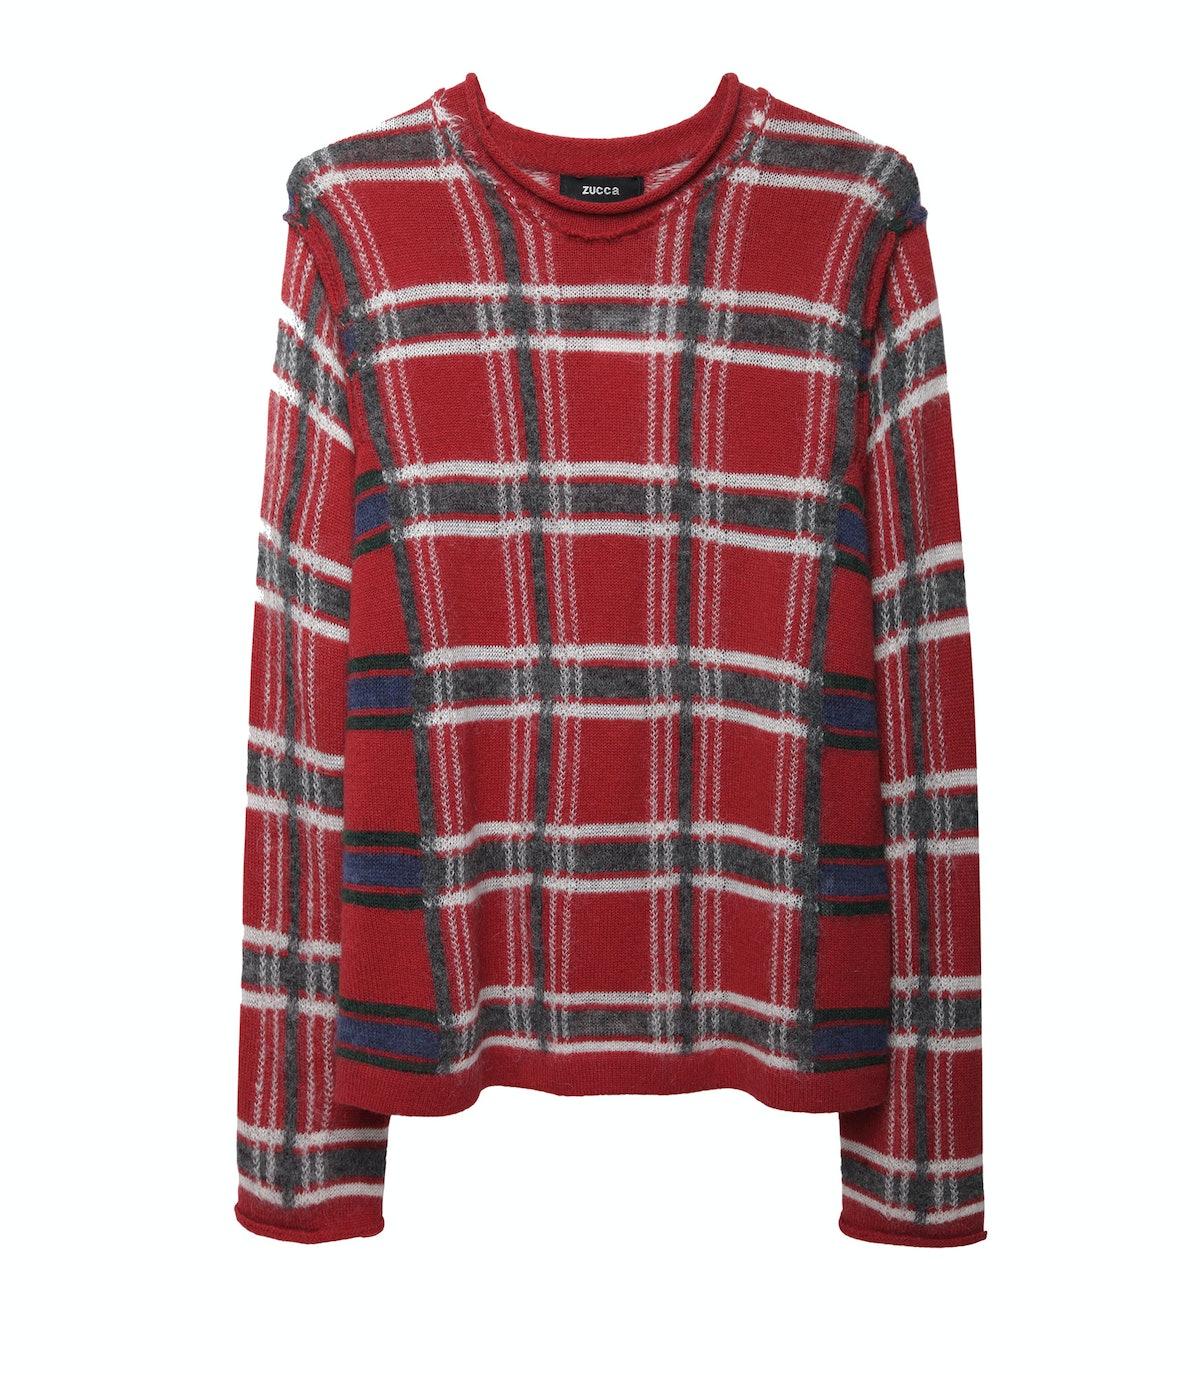 Zucca sweater